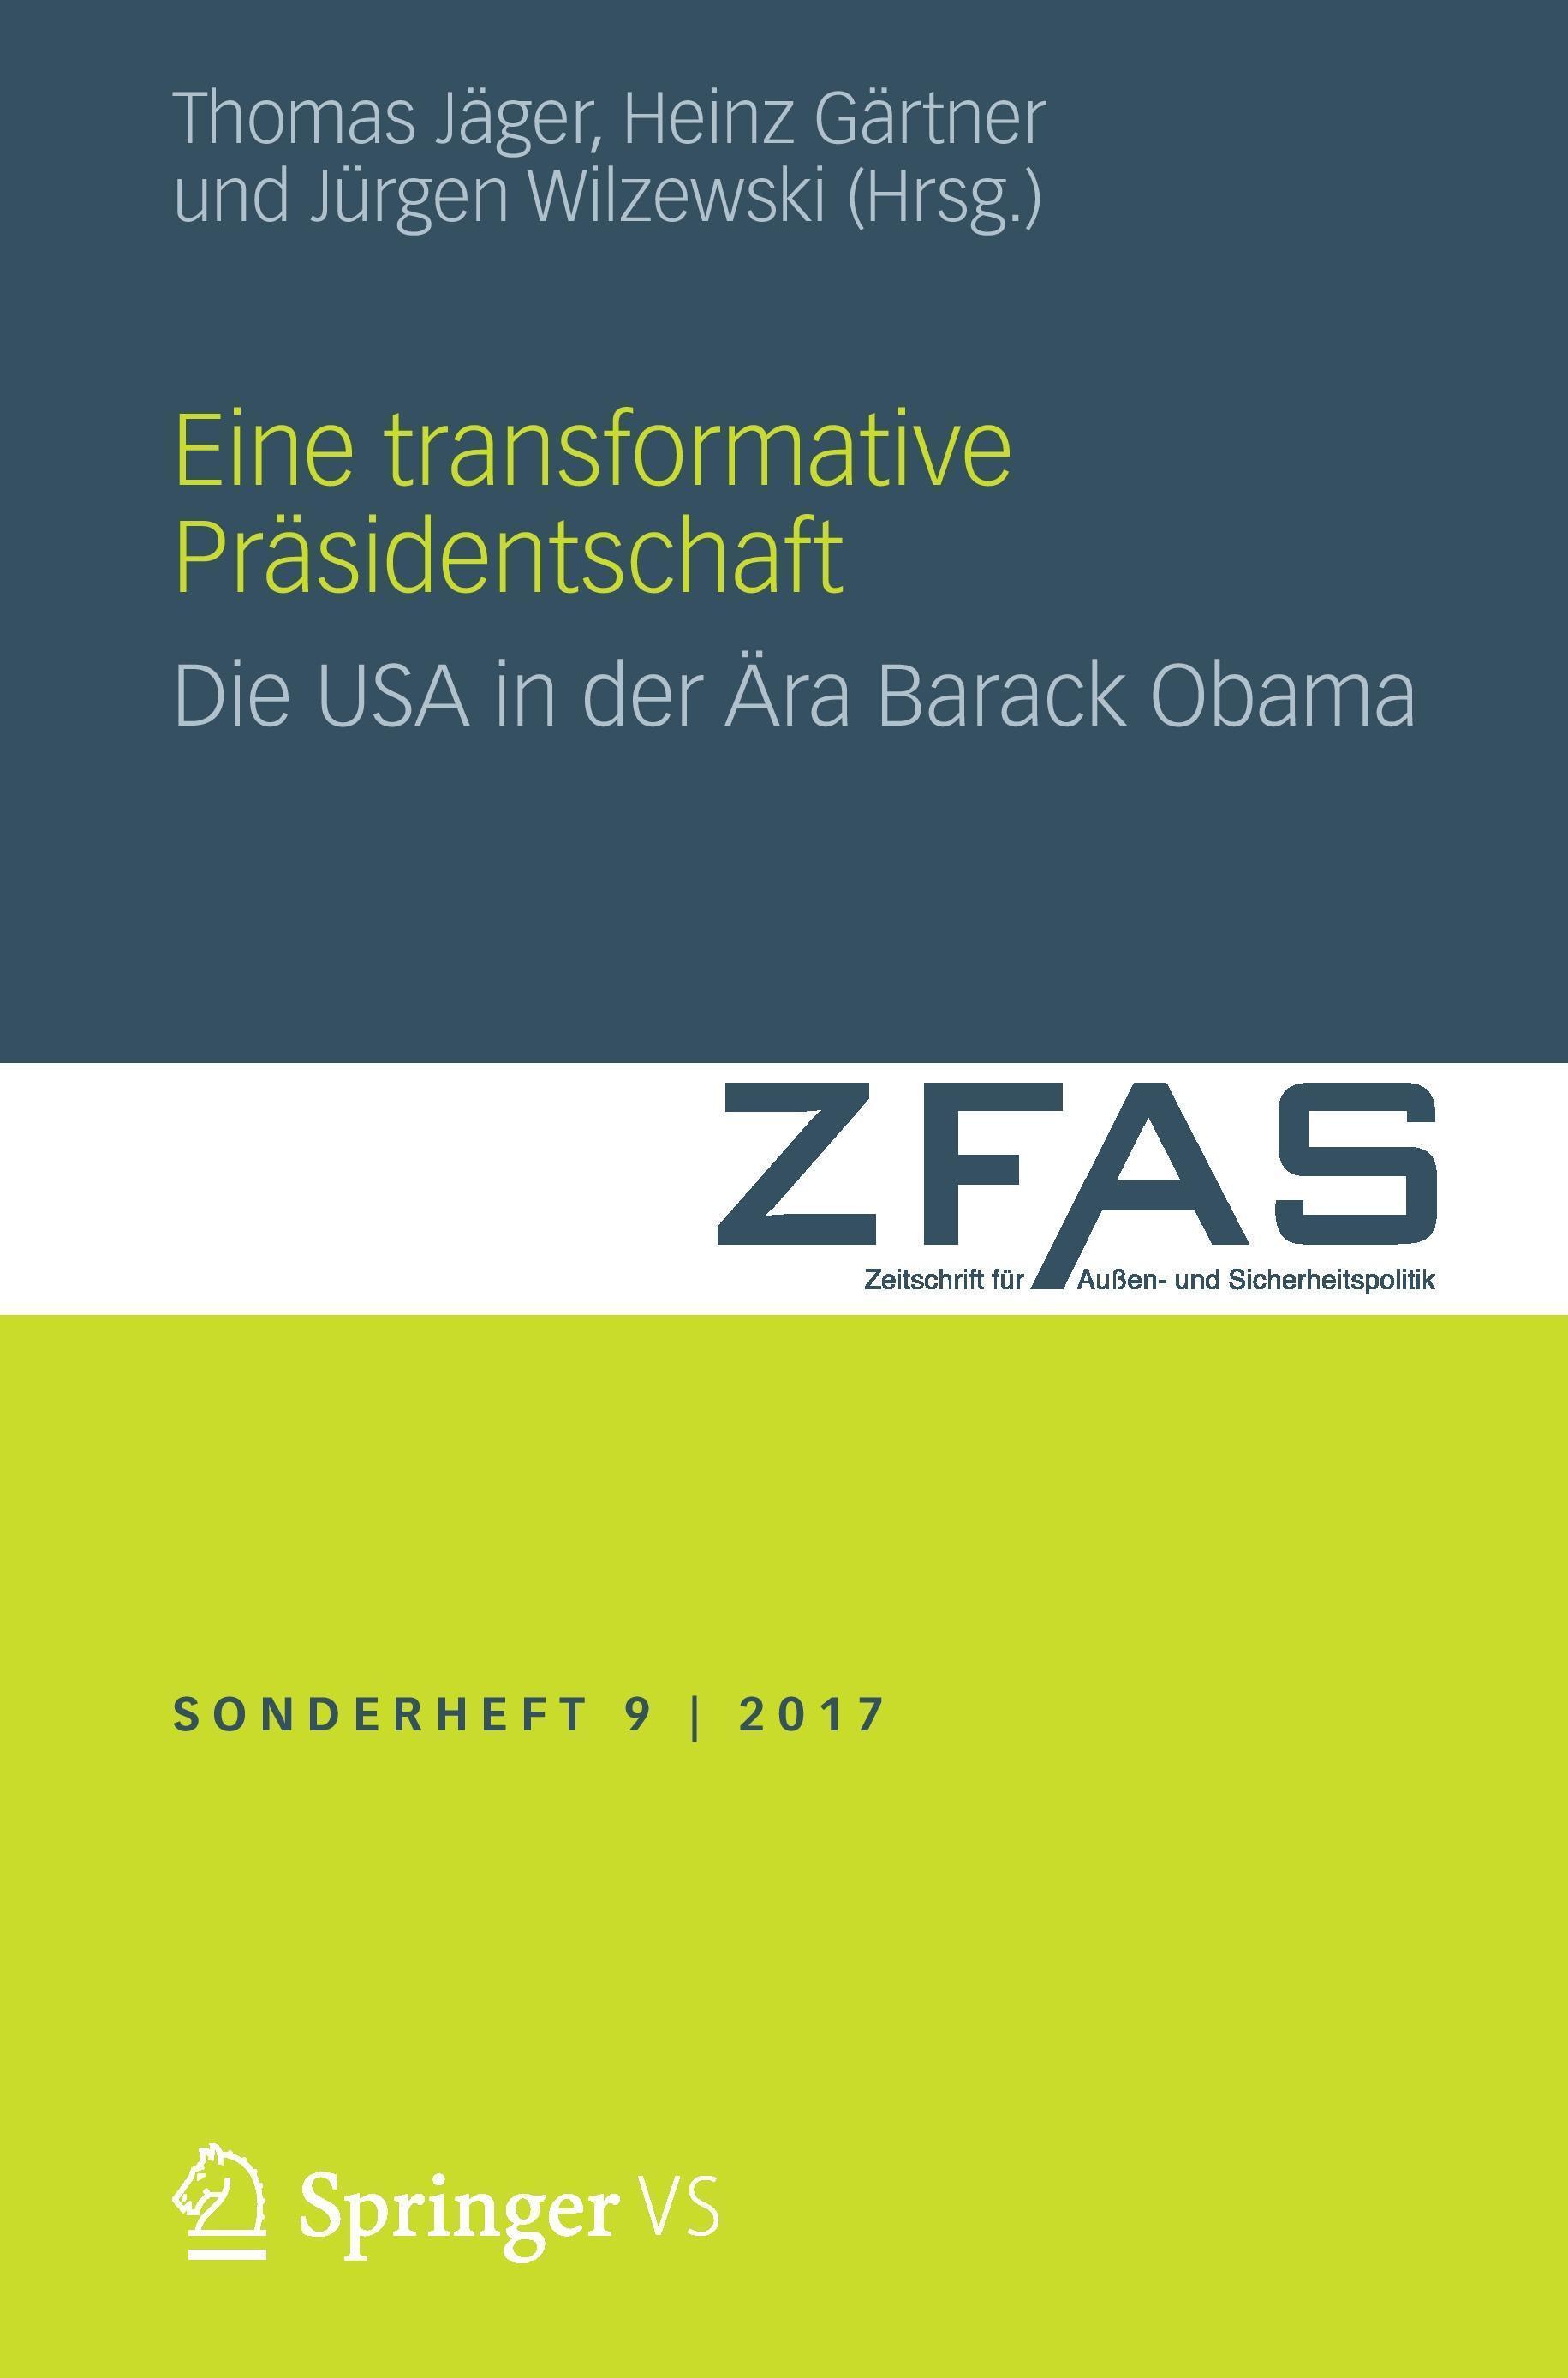 Eine transformative Präsidentschaft, Thomas Jäger